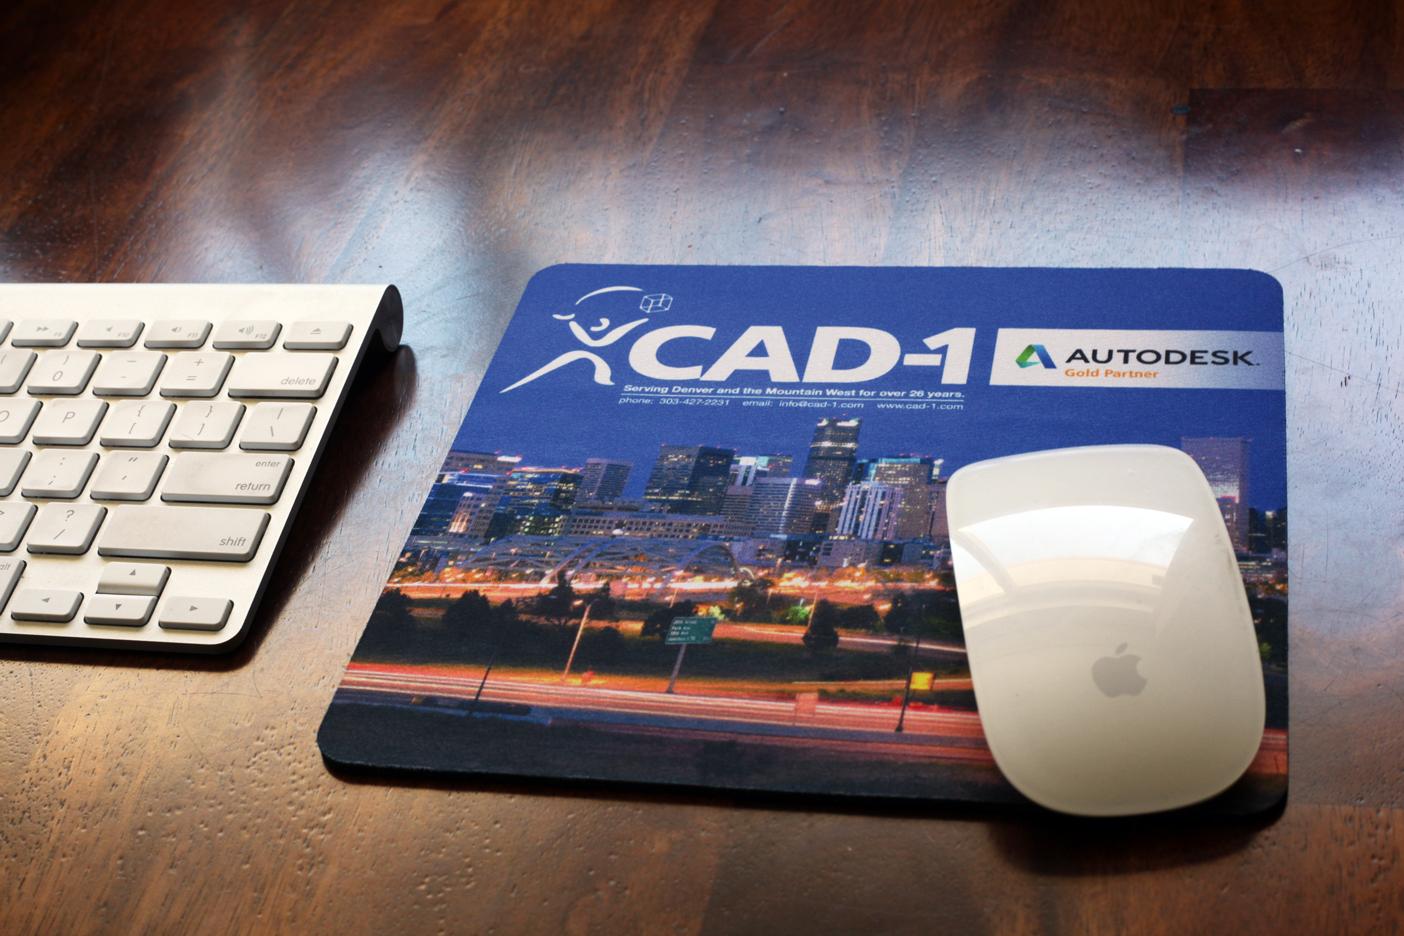 cad-1_mousepad_photo_web.jpg